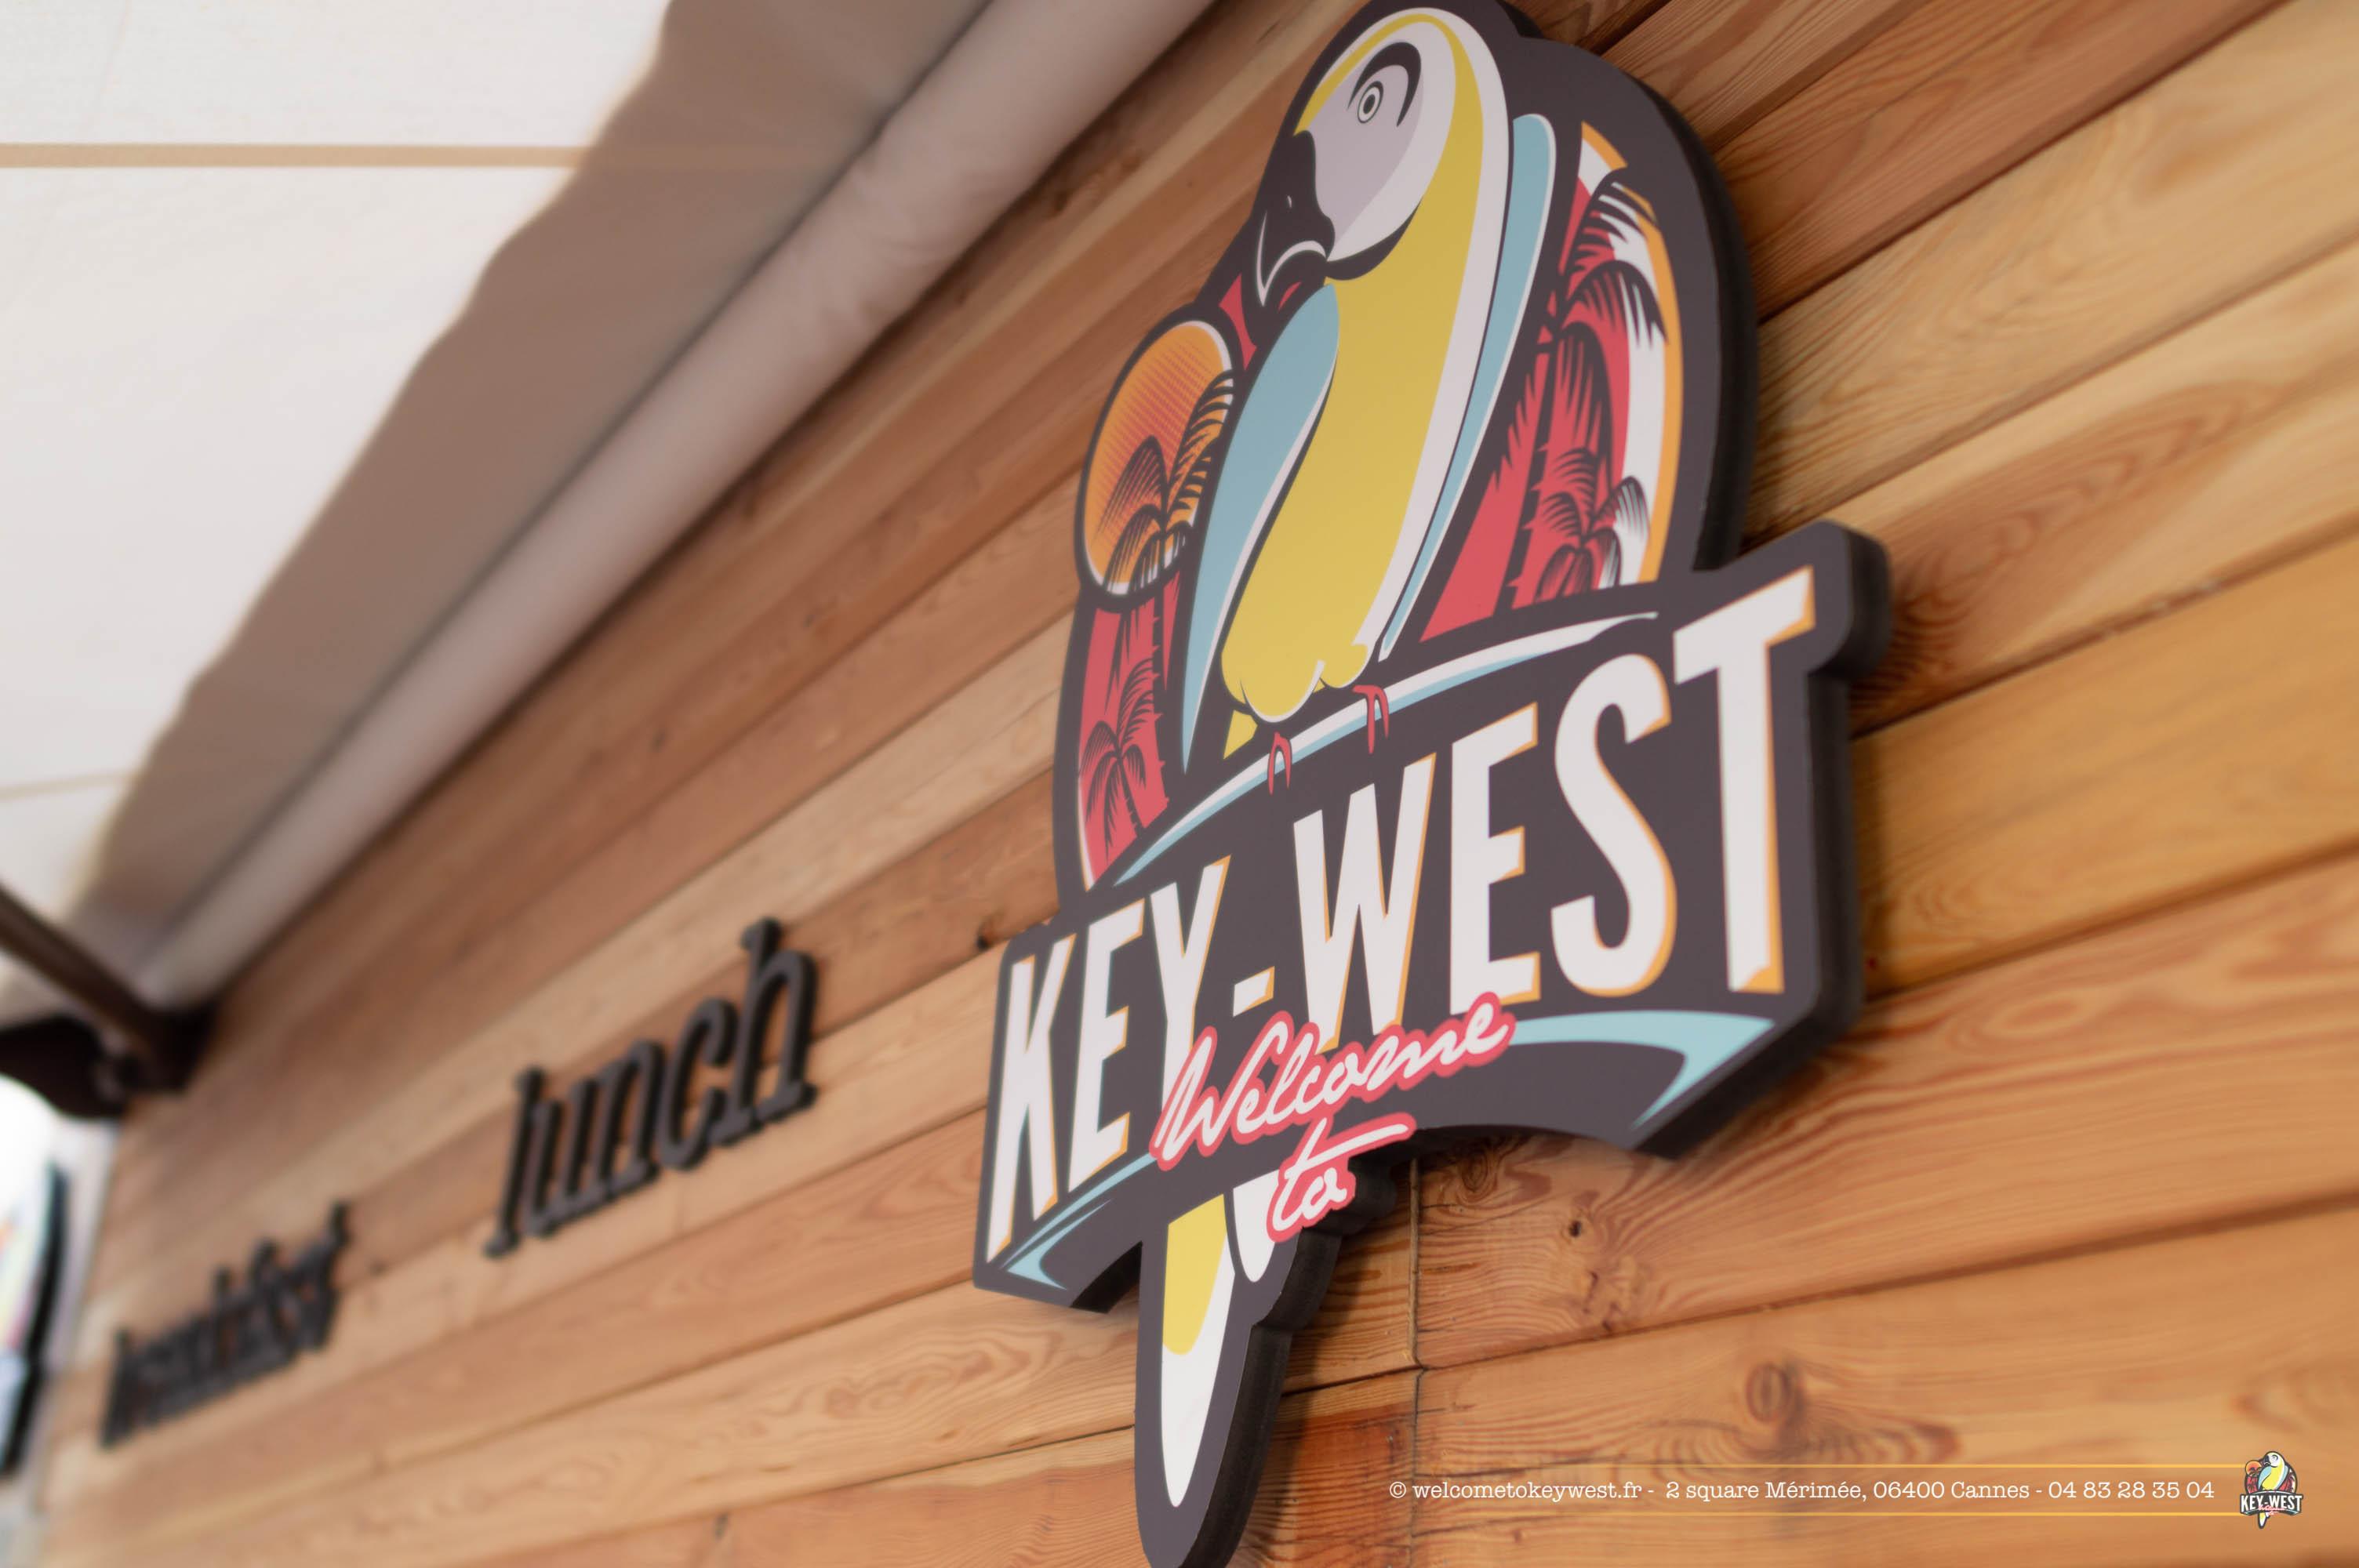 Welcome to Key West - Décoration Extérieur